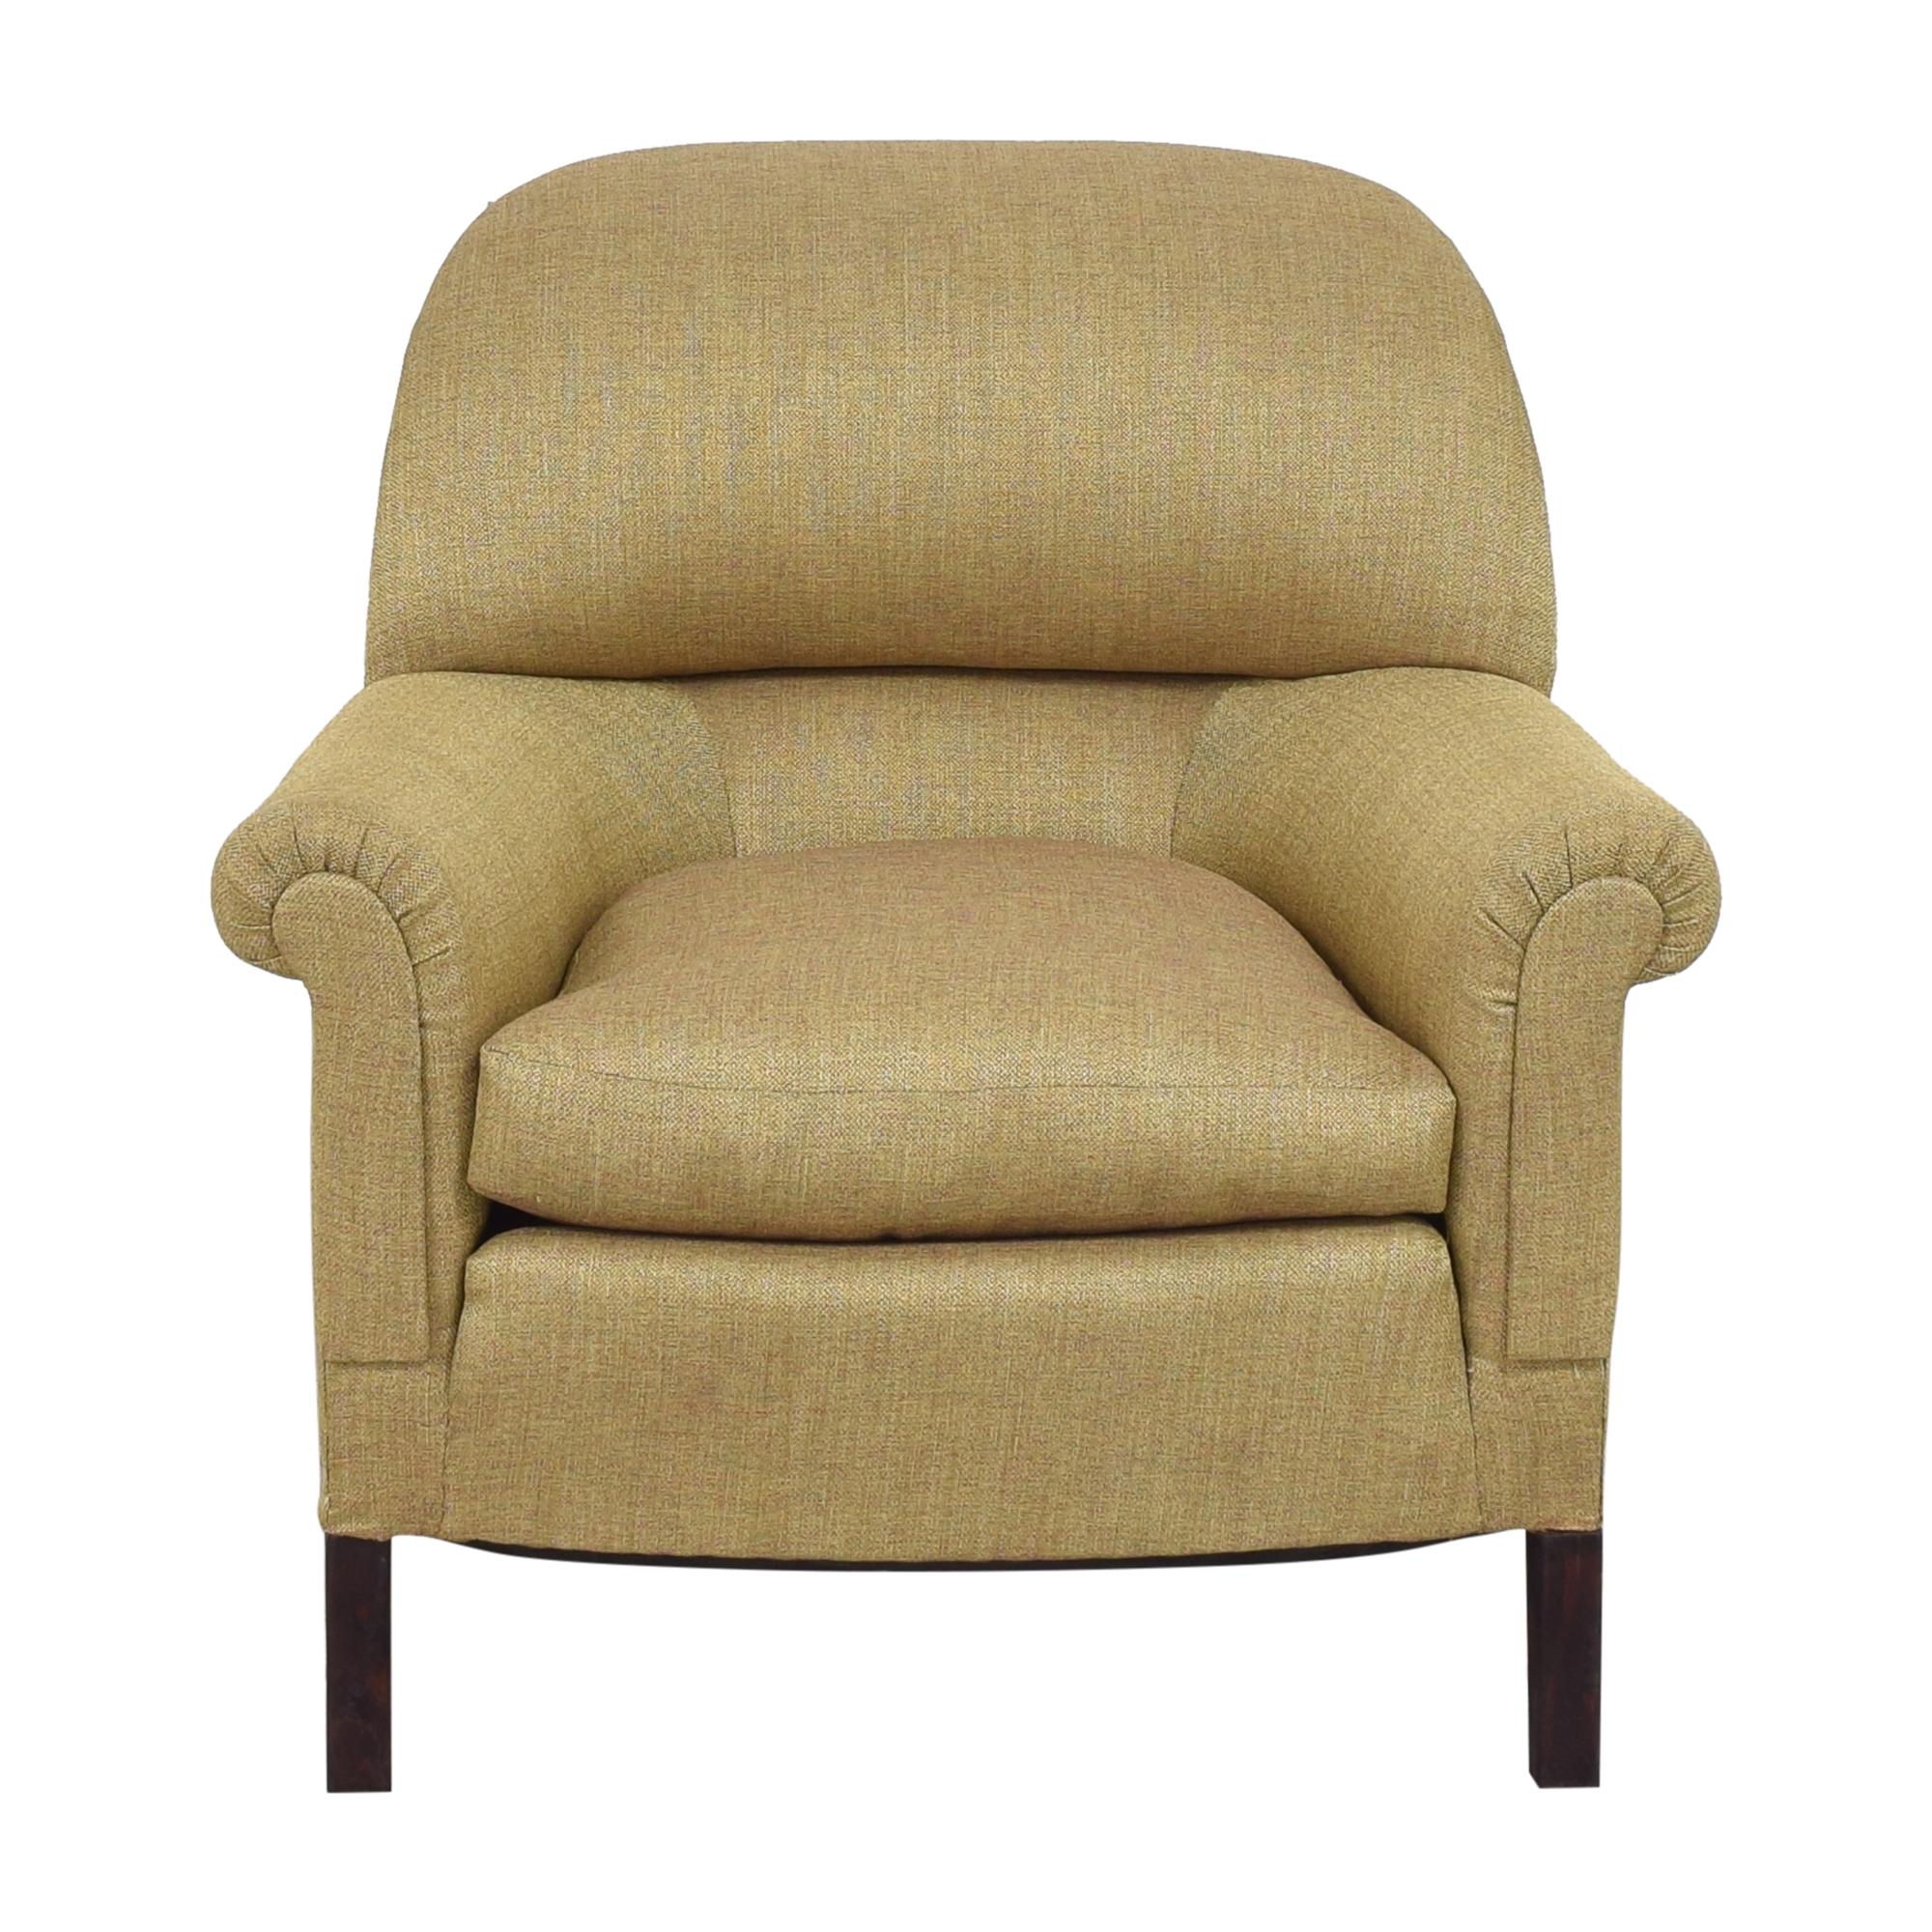 Jonas Jonas Workroom Accent Chair second hand